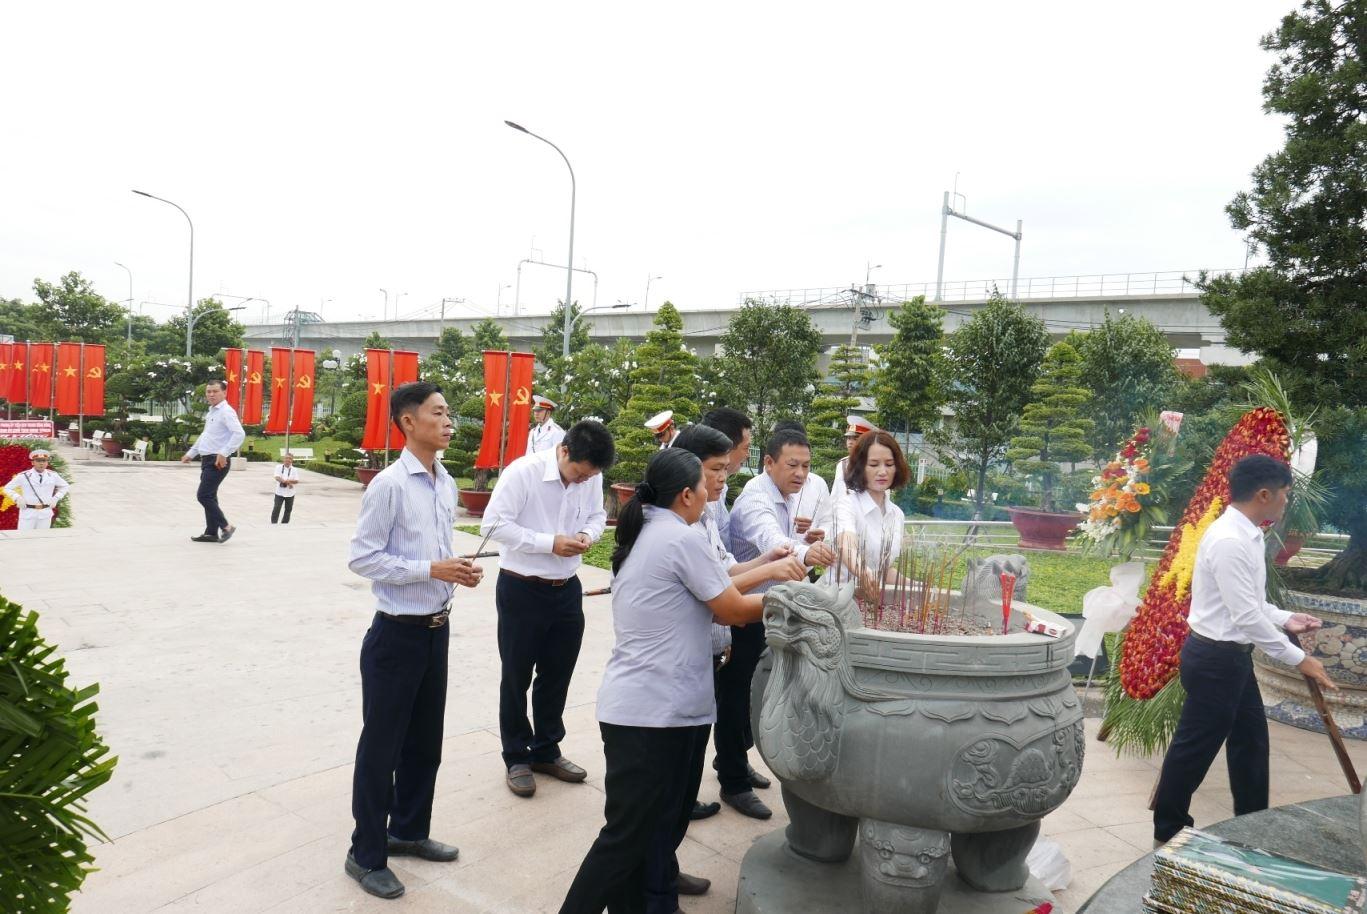 cc1-mekong-kinh-nho-anh-hung-liet-sy-27-07-19 (5)